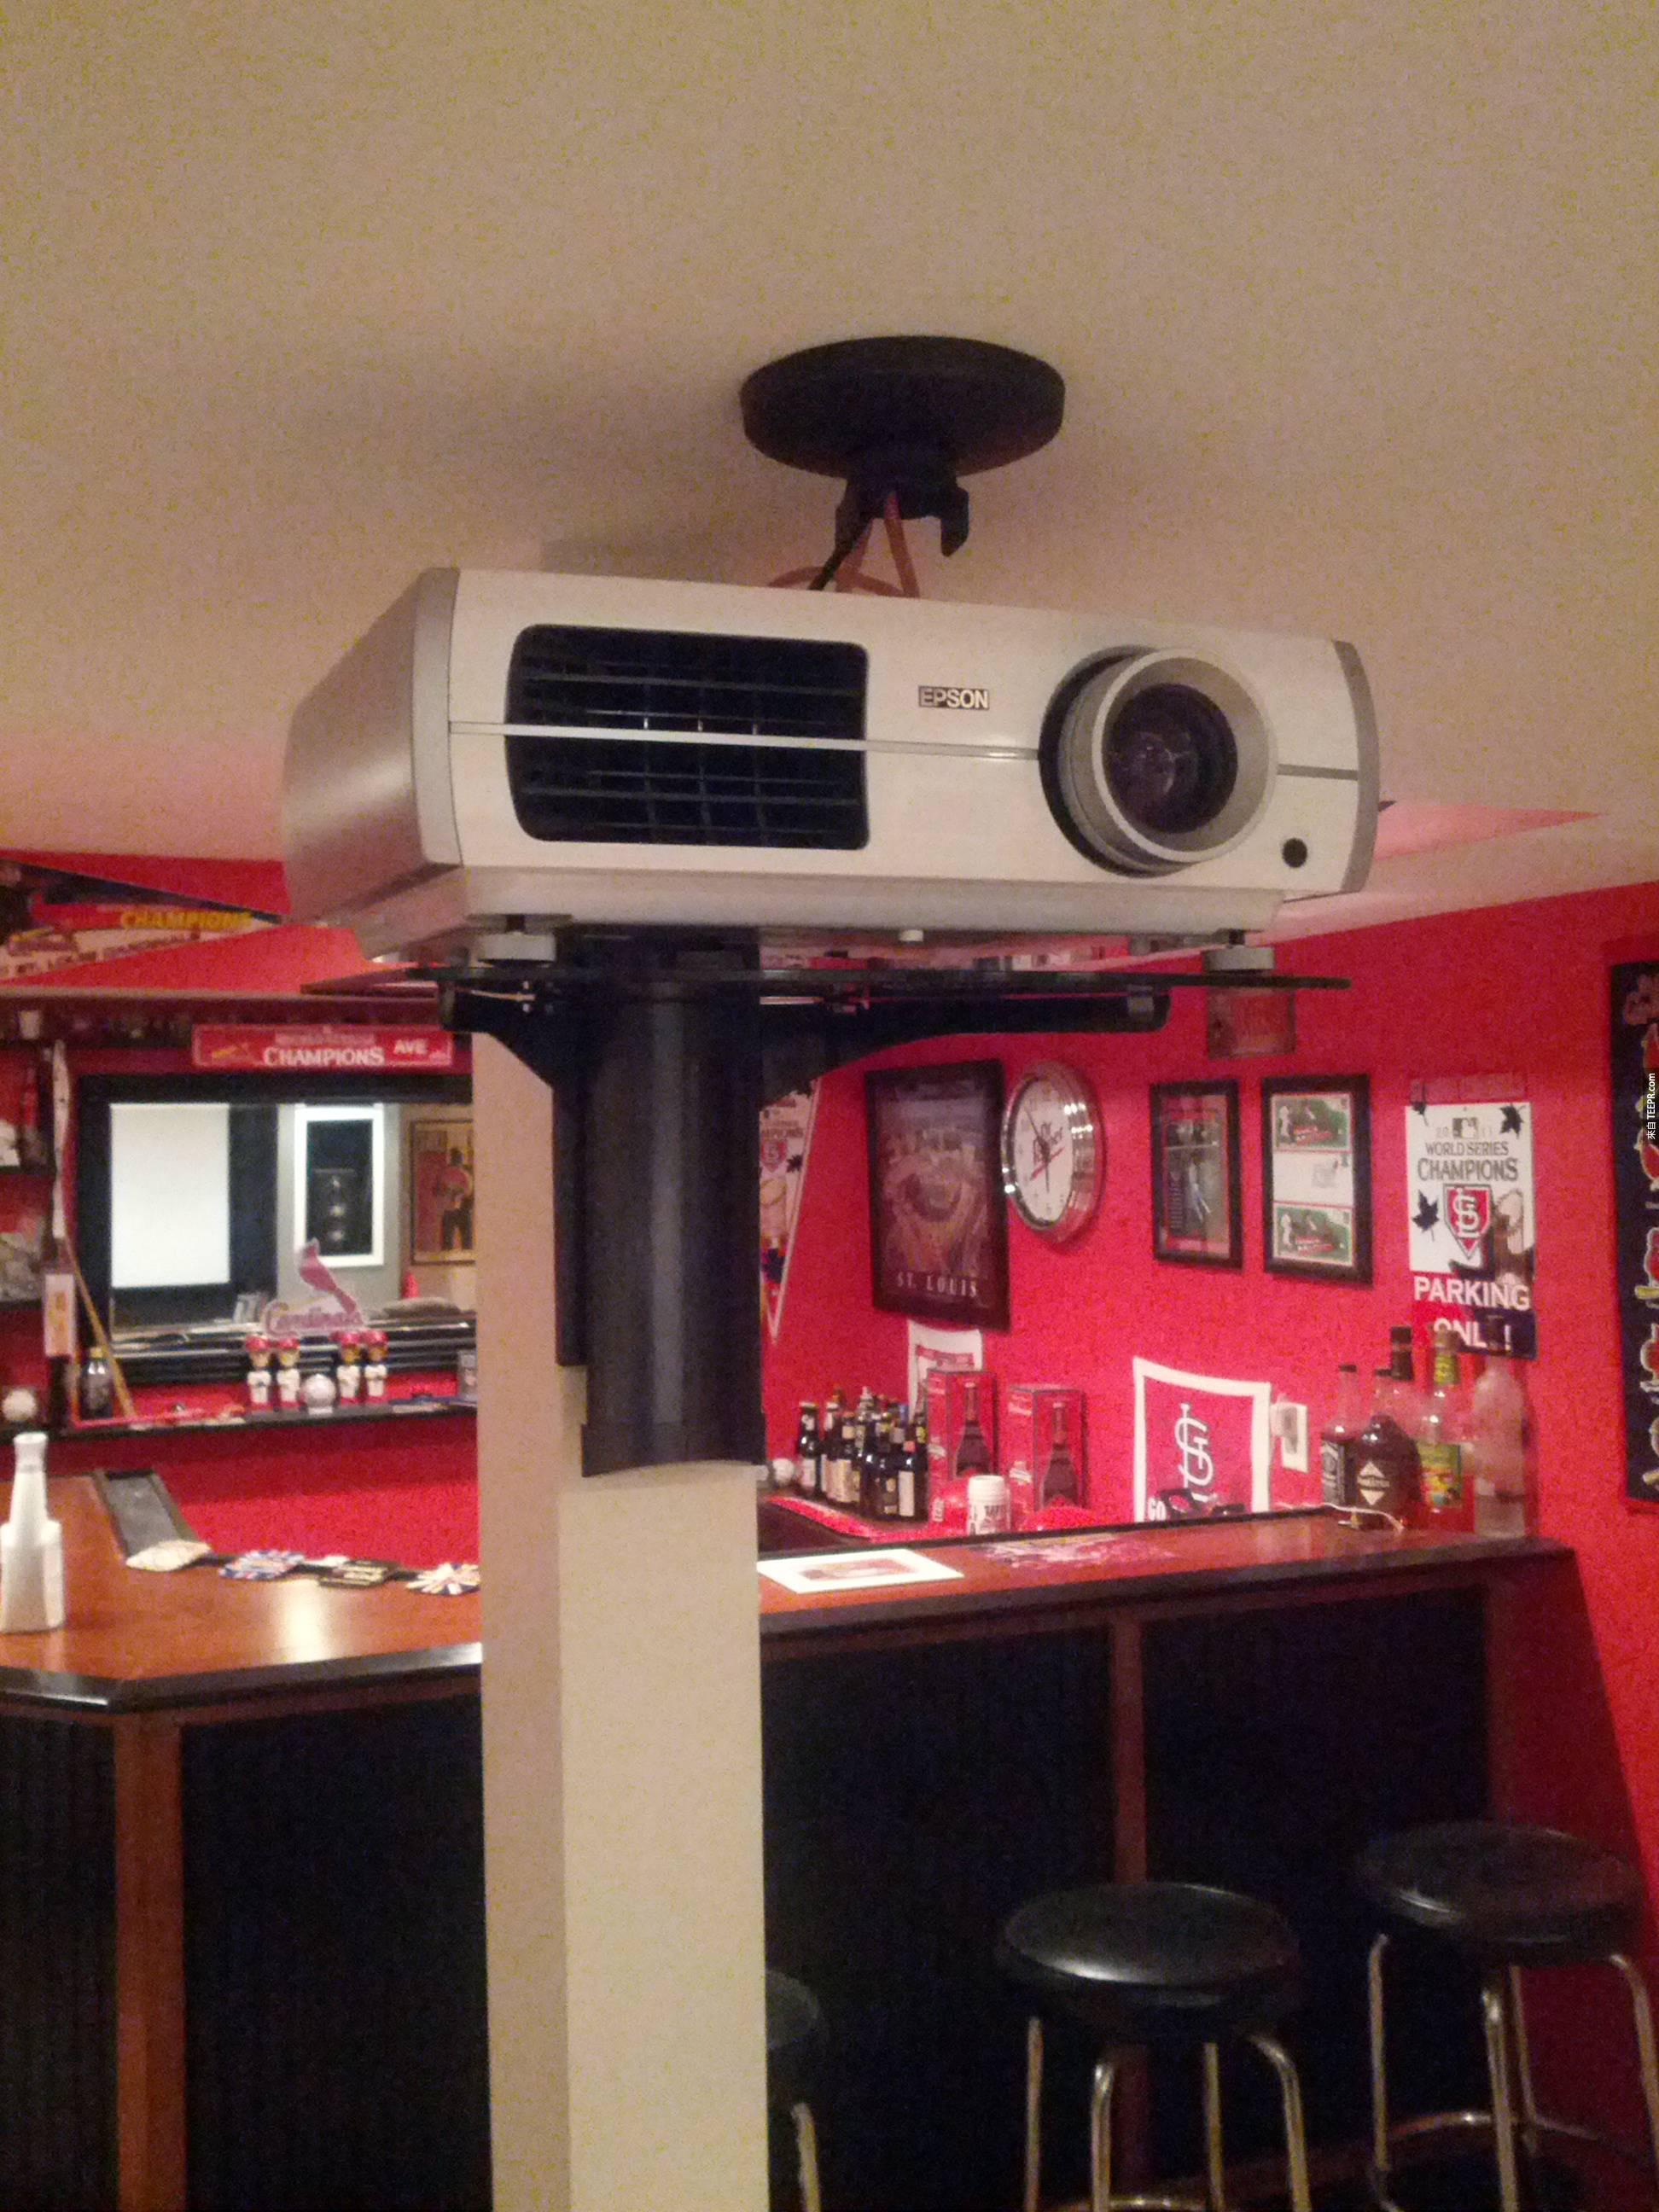 這名男子求了很久,他的太太終於讓他在地下室建造這個東西。這是所有男人的夢想!